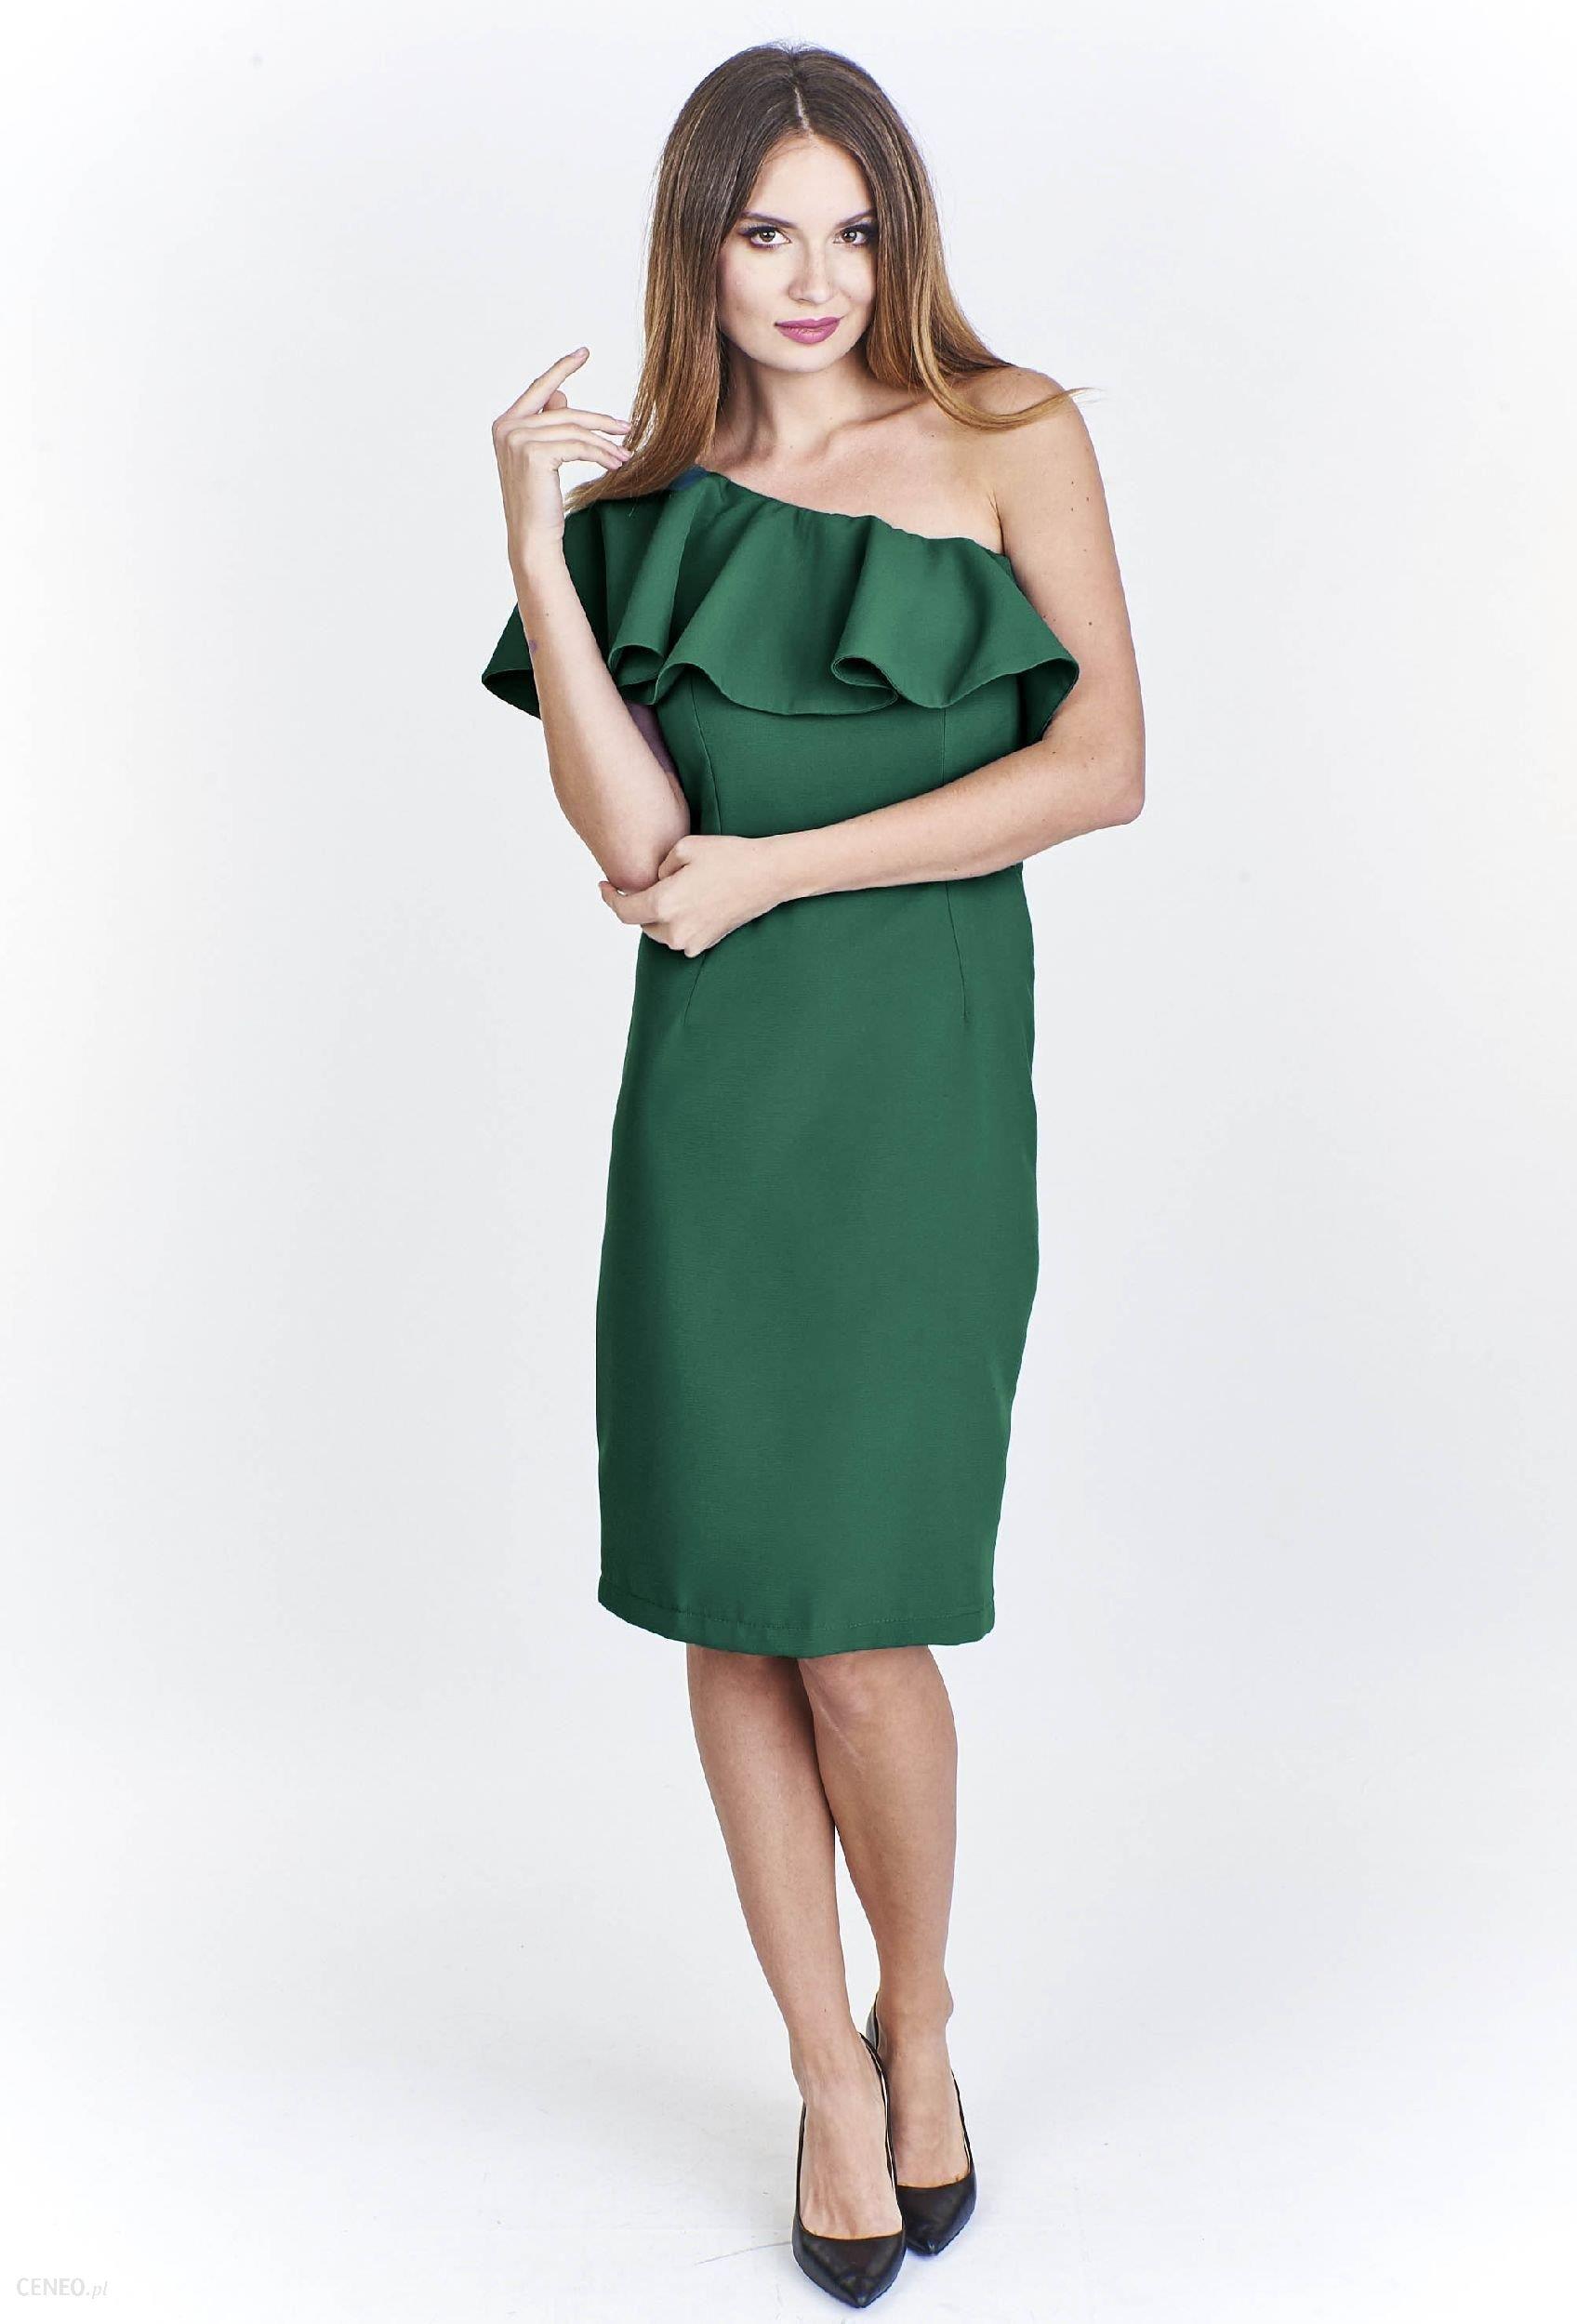 694570c739 Ptak Moda Koktajlowa sukienka na jedno ramię M48025 zielona r. 40 - zdjęcie  1